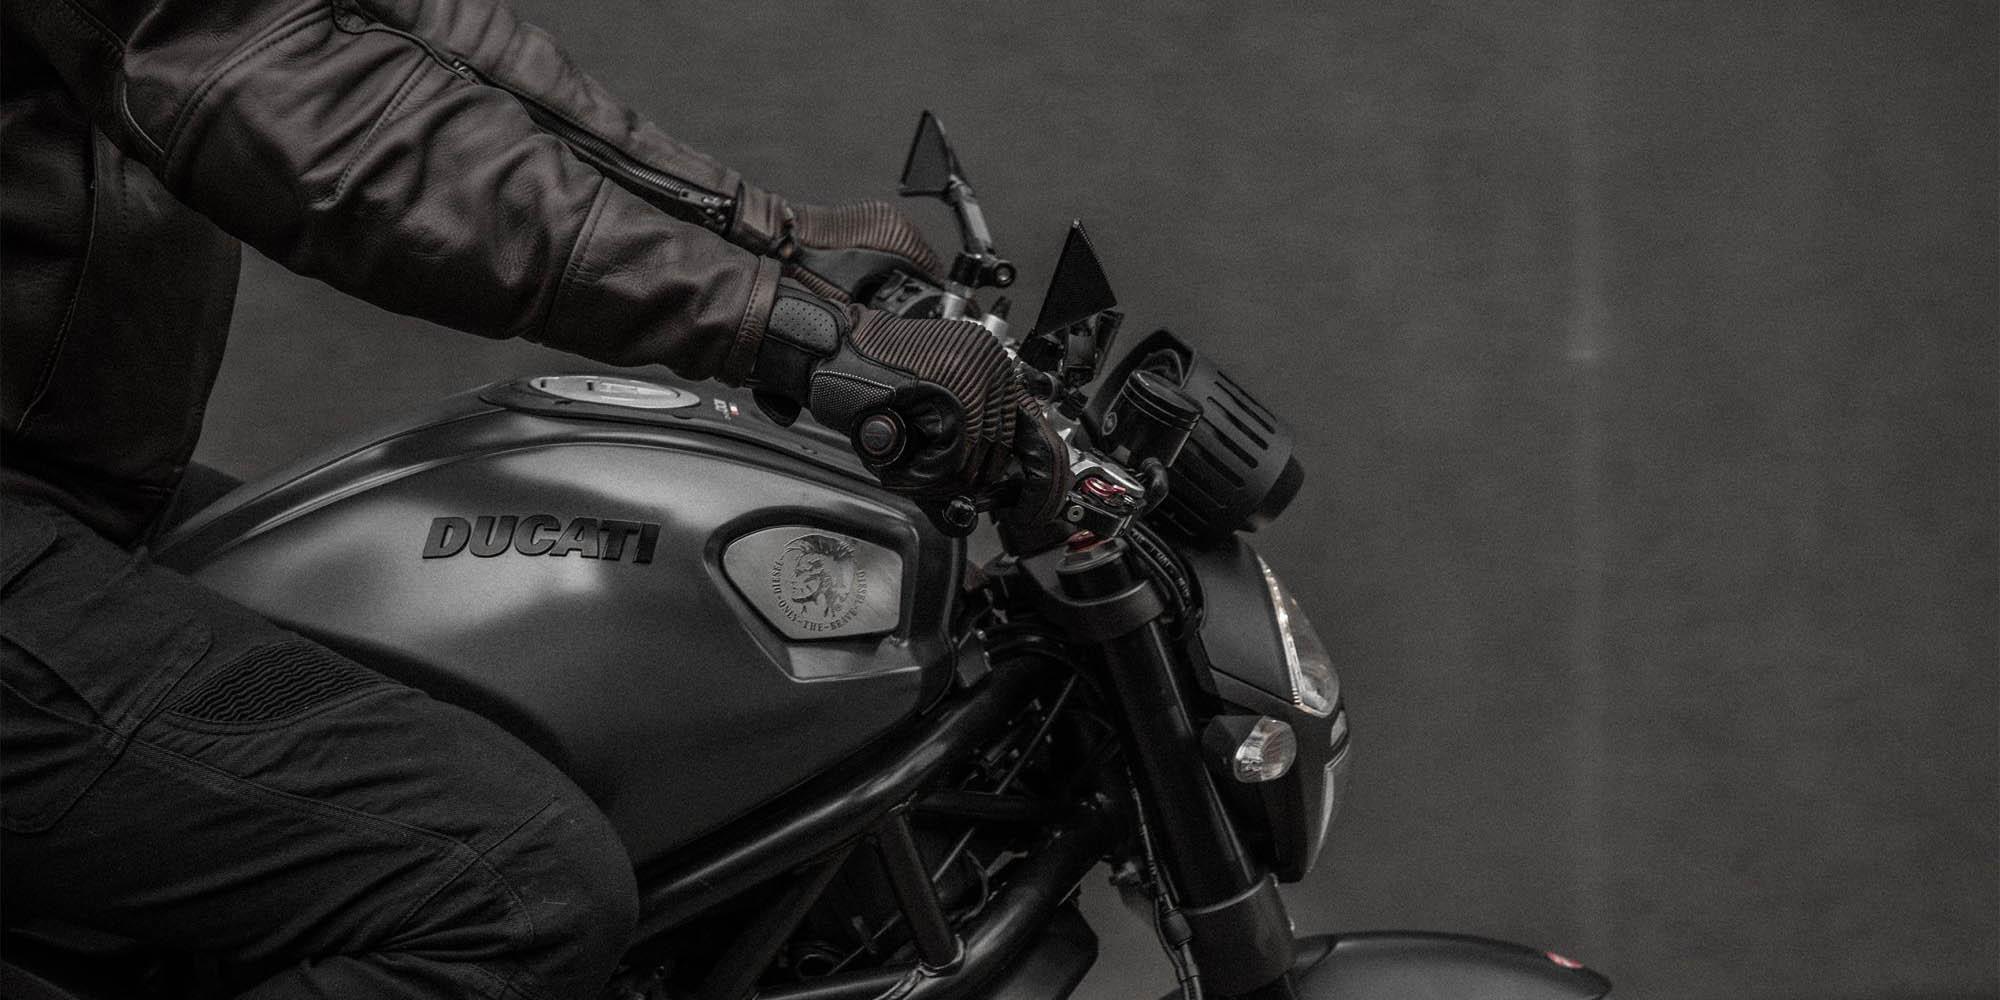 SHIMA BLAKE мотоциклетные перчатки из кожи, вид на ручке газа купить по низкой цене